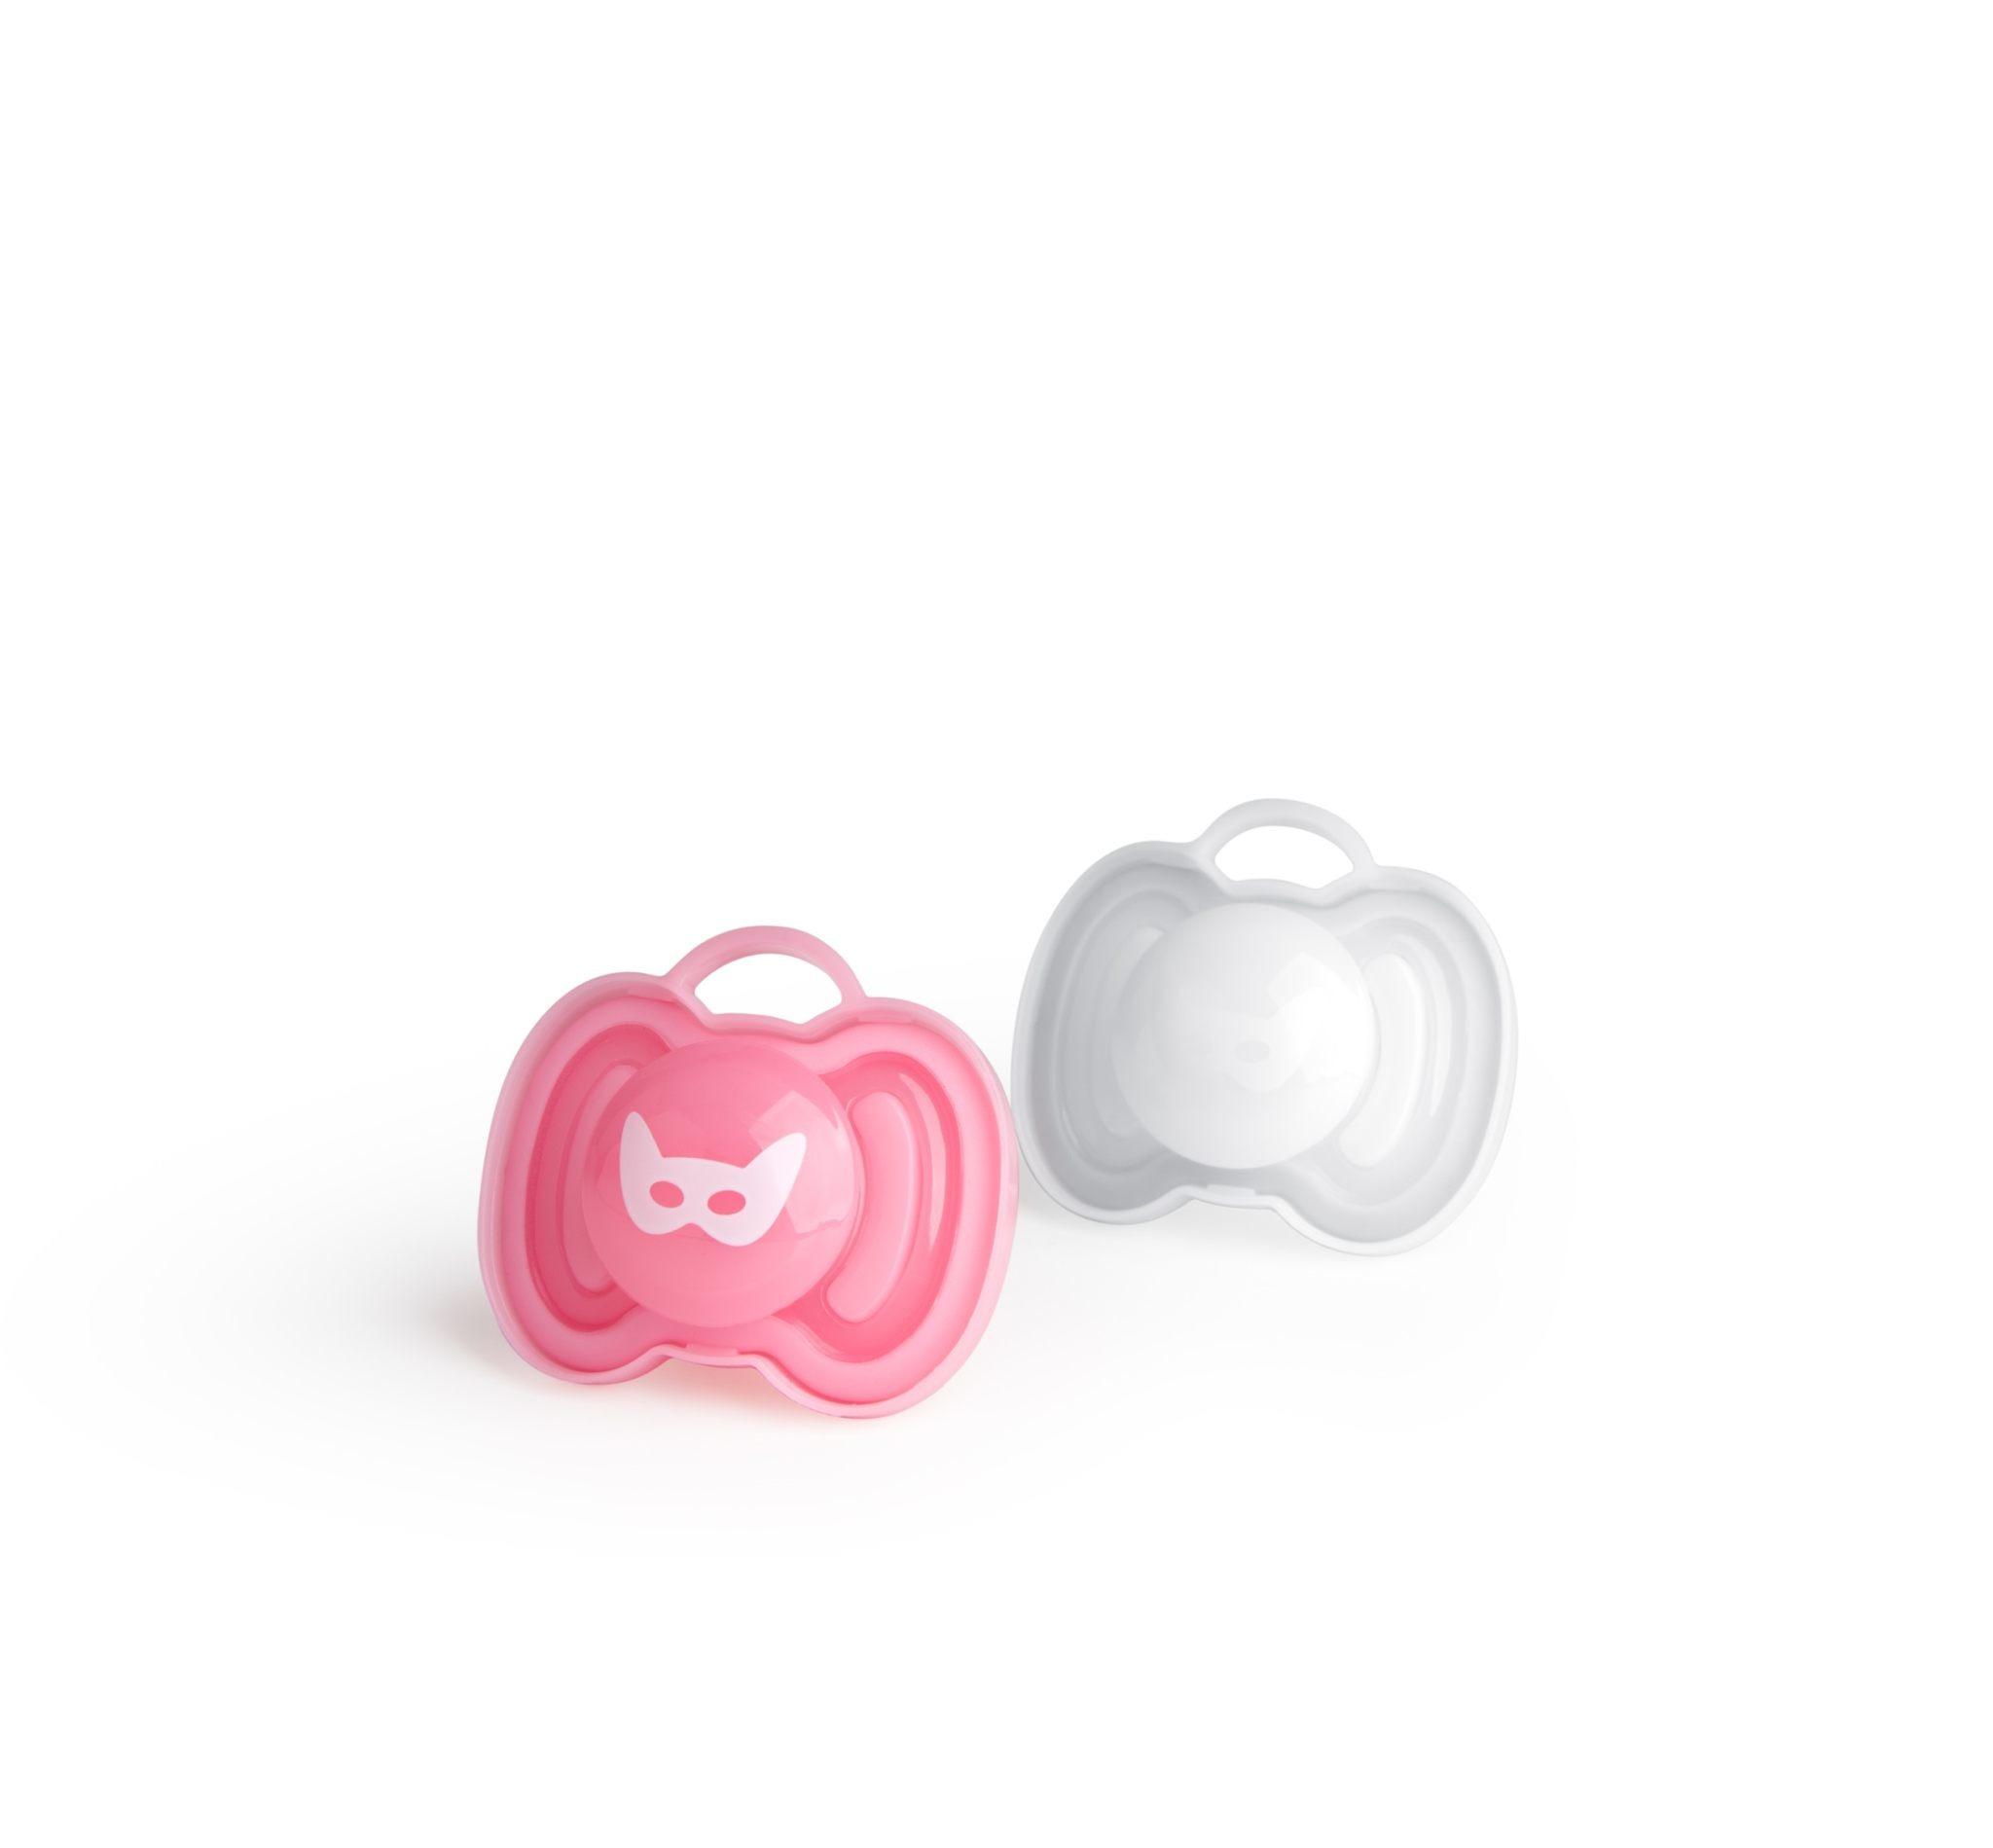 Herobility - smoczek uspokajający HeroPacifier, 0 m+, różowy/biały, 2 szt.